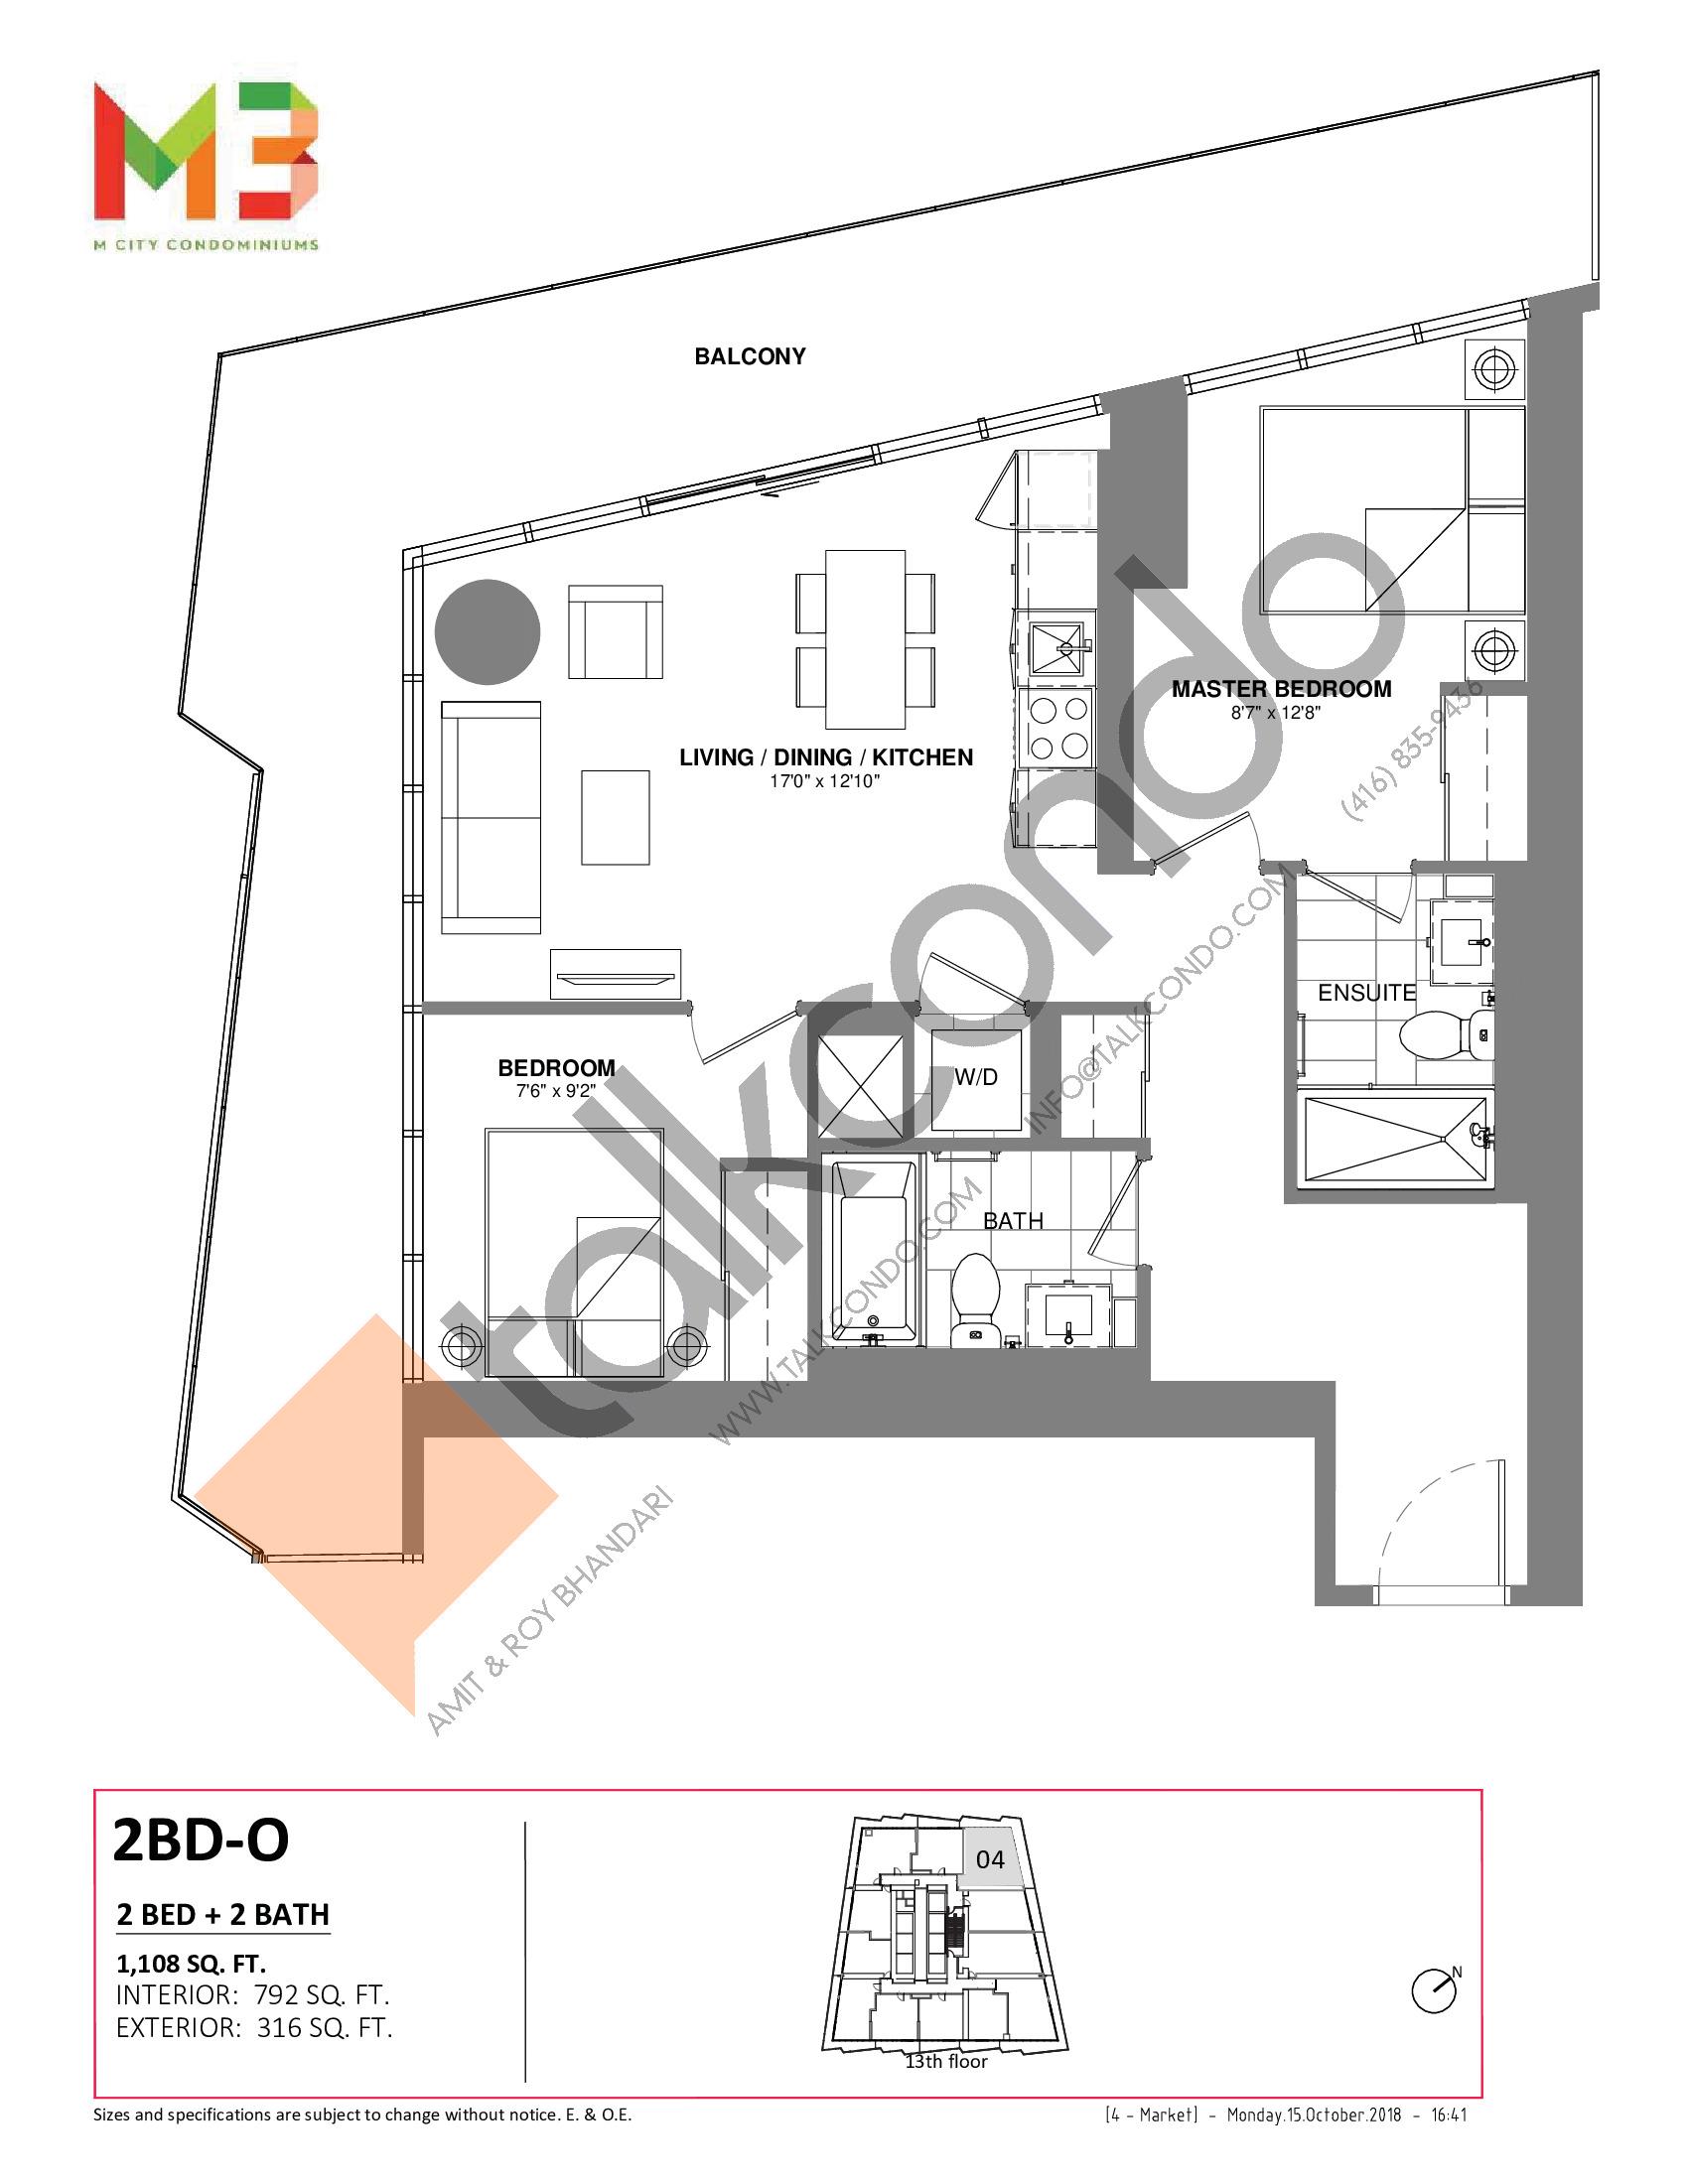 2BD-O Floor Plan at M3 Condos - 792 sq.ft